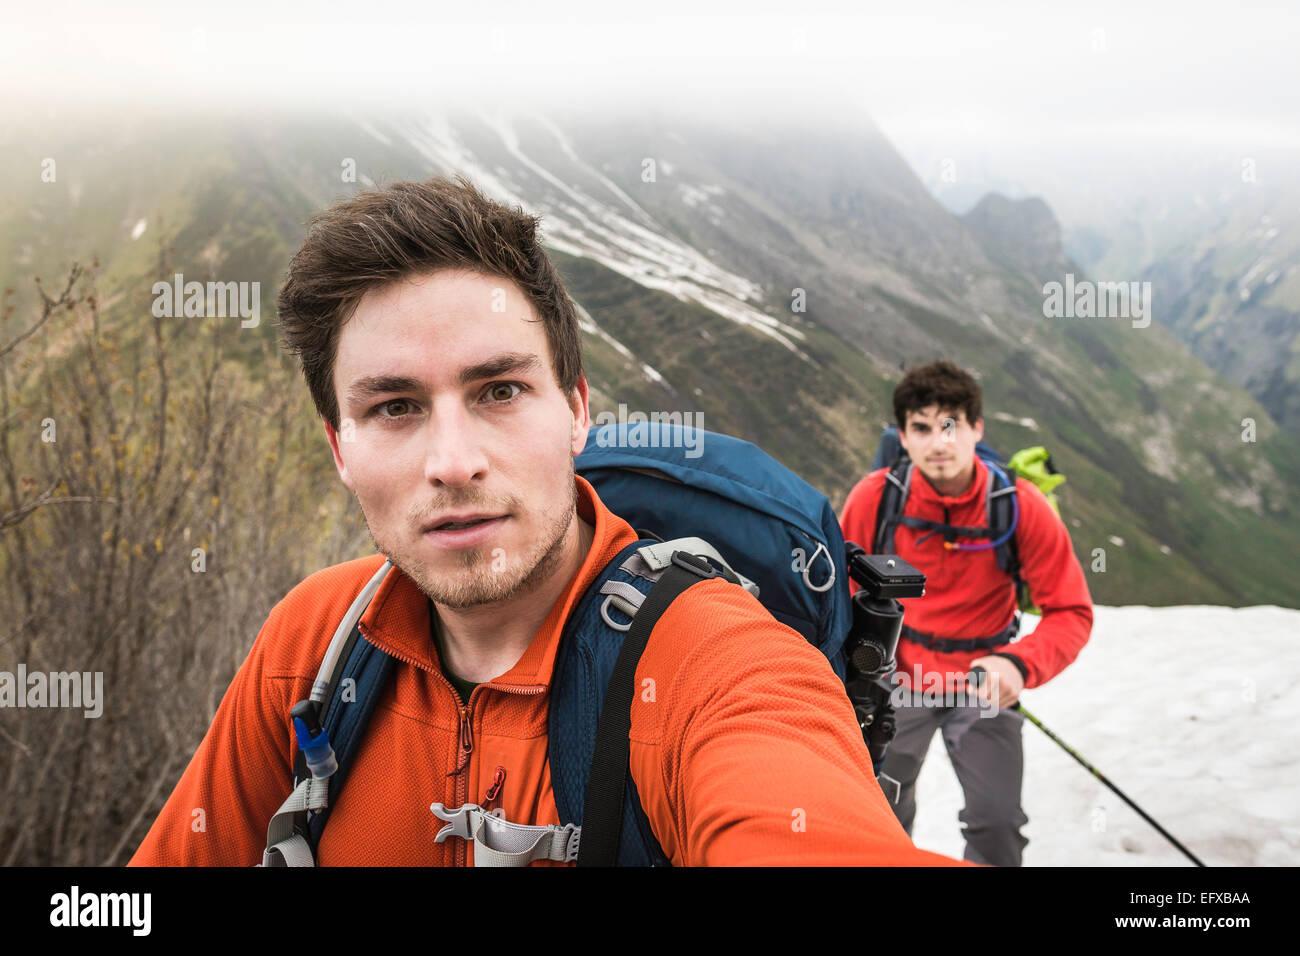 Selbstporträt von zwei Brüdern Mountainbike, Wandern, Allgäu, Oberstdorf, Bayern, Deutschland Stockbild